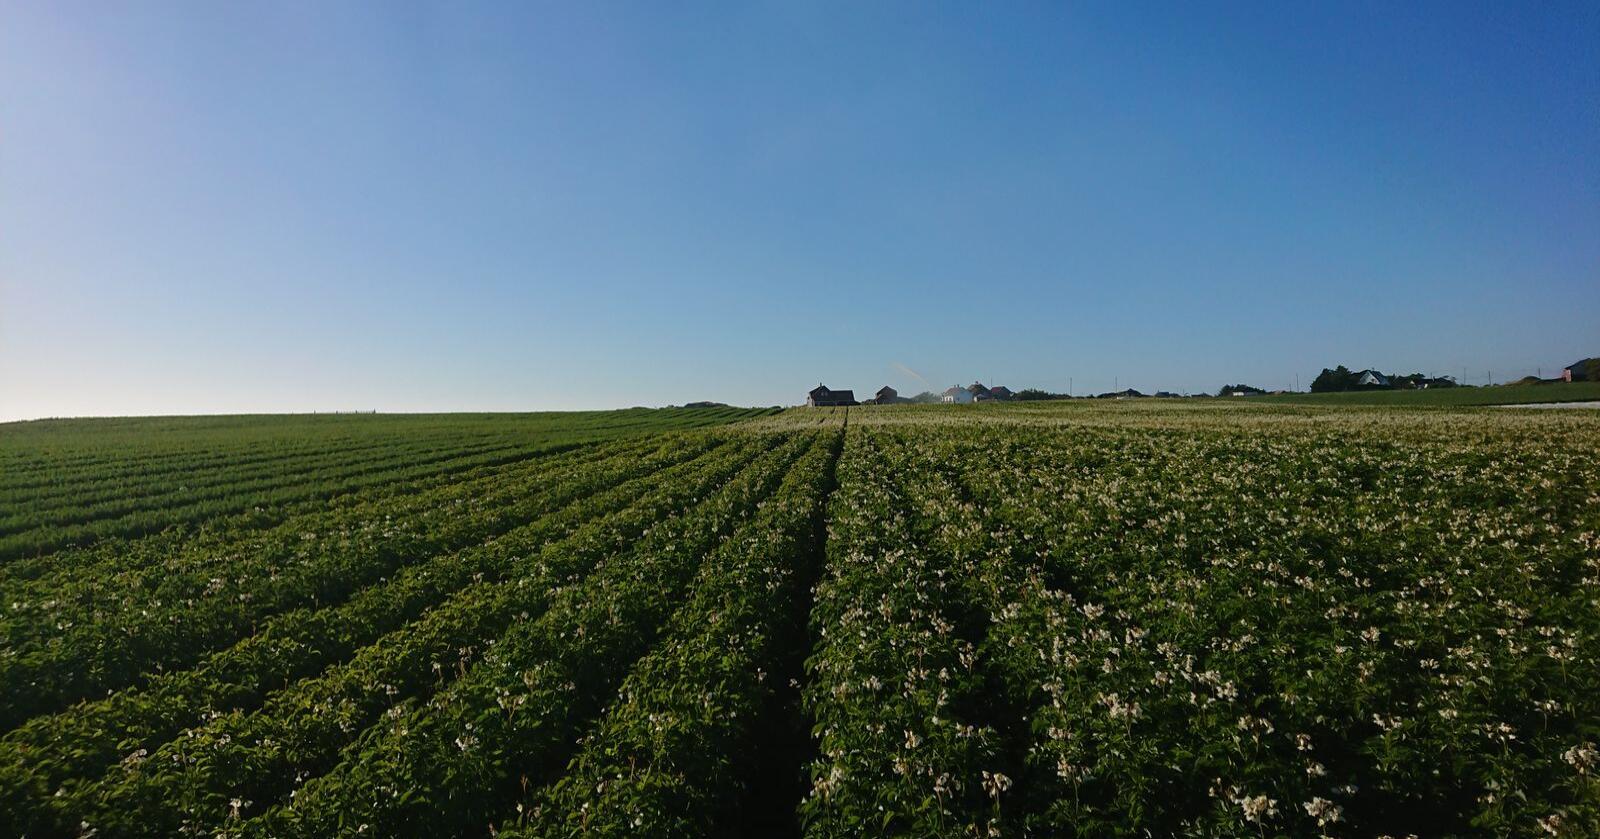 Potet er en effektiv måte å produsere mye mat på et gitt areal. (Foto: Bethi Dirdal Jåtun)